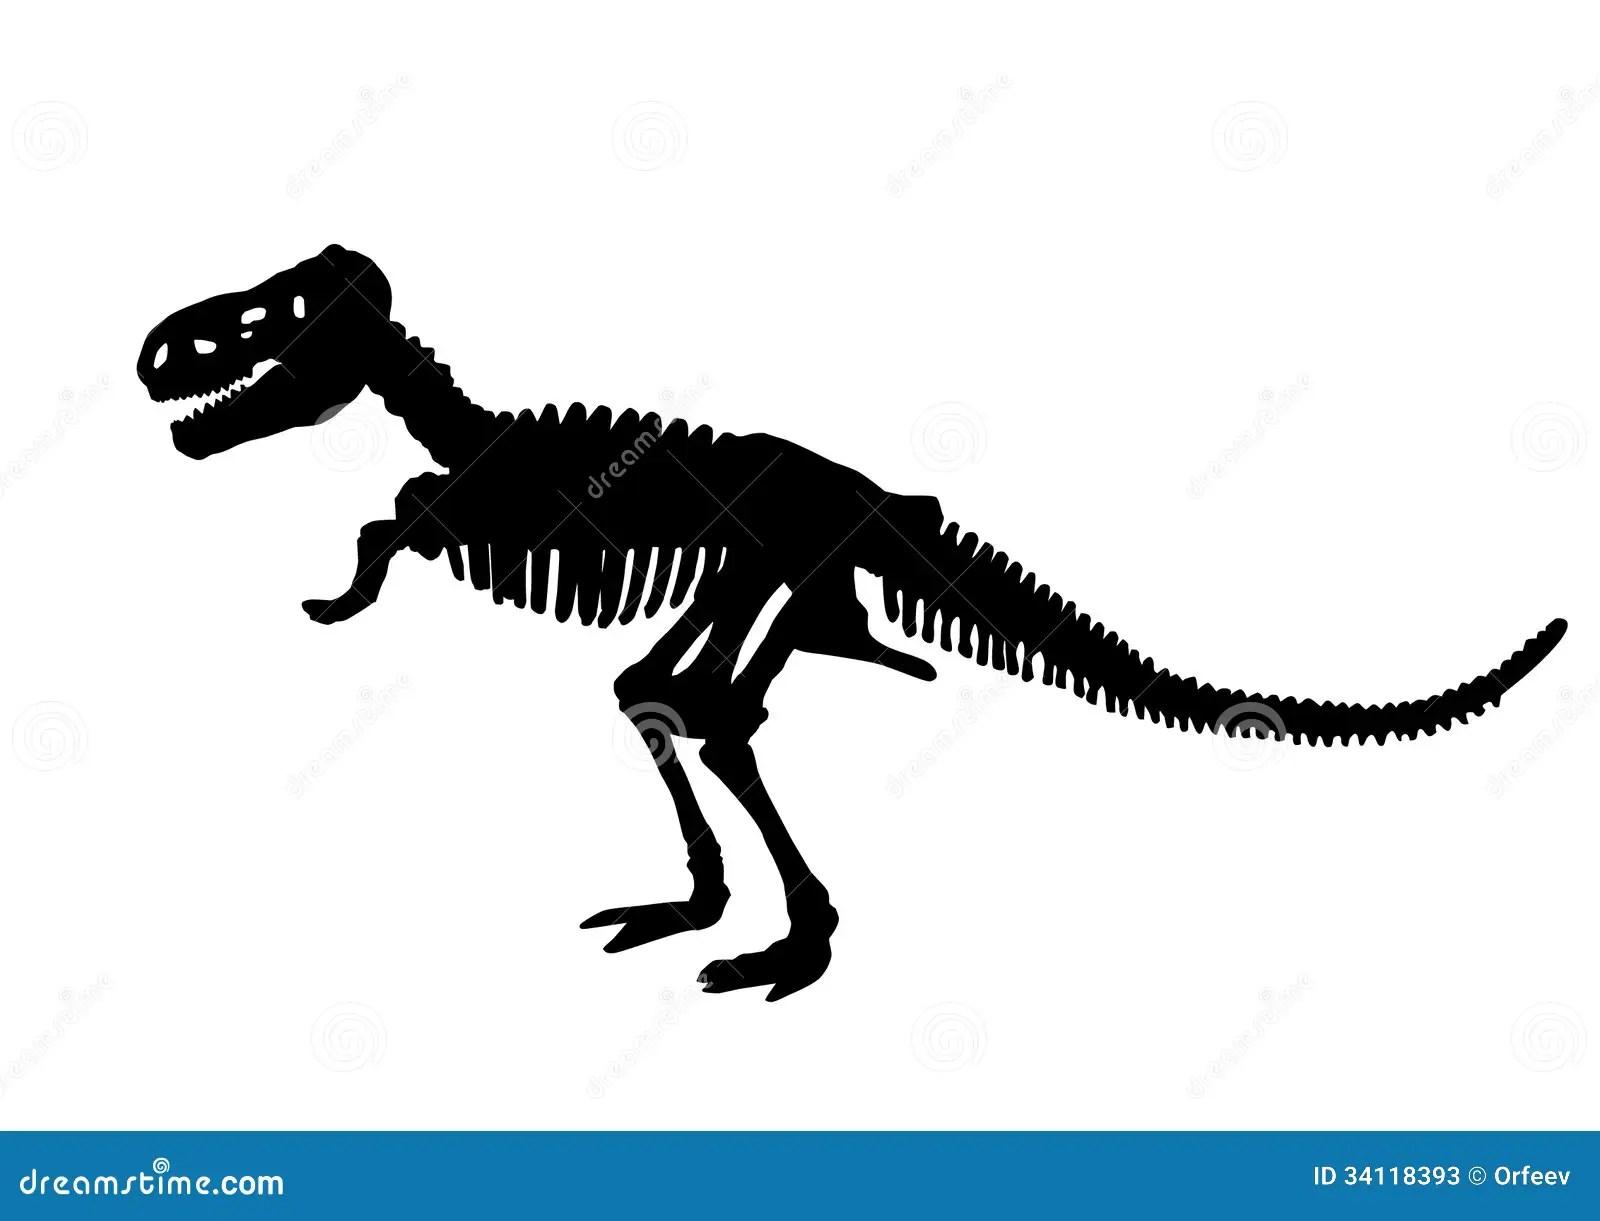 Dinosaur Skeleton Silhouette Stock Photos